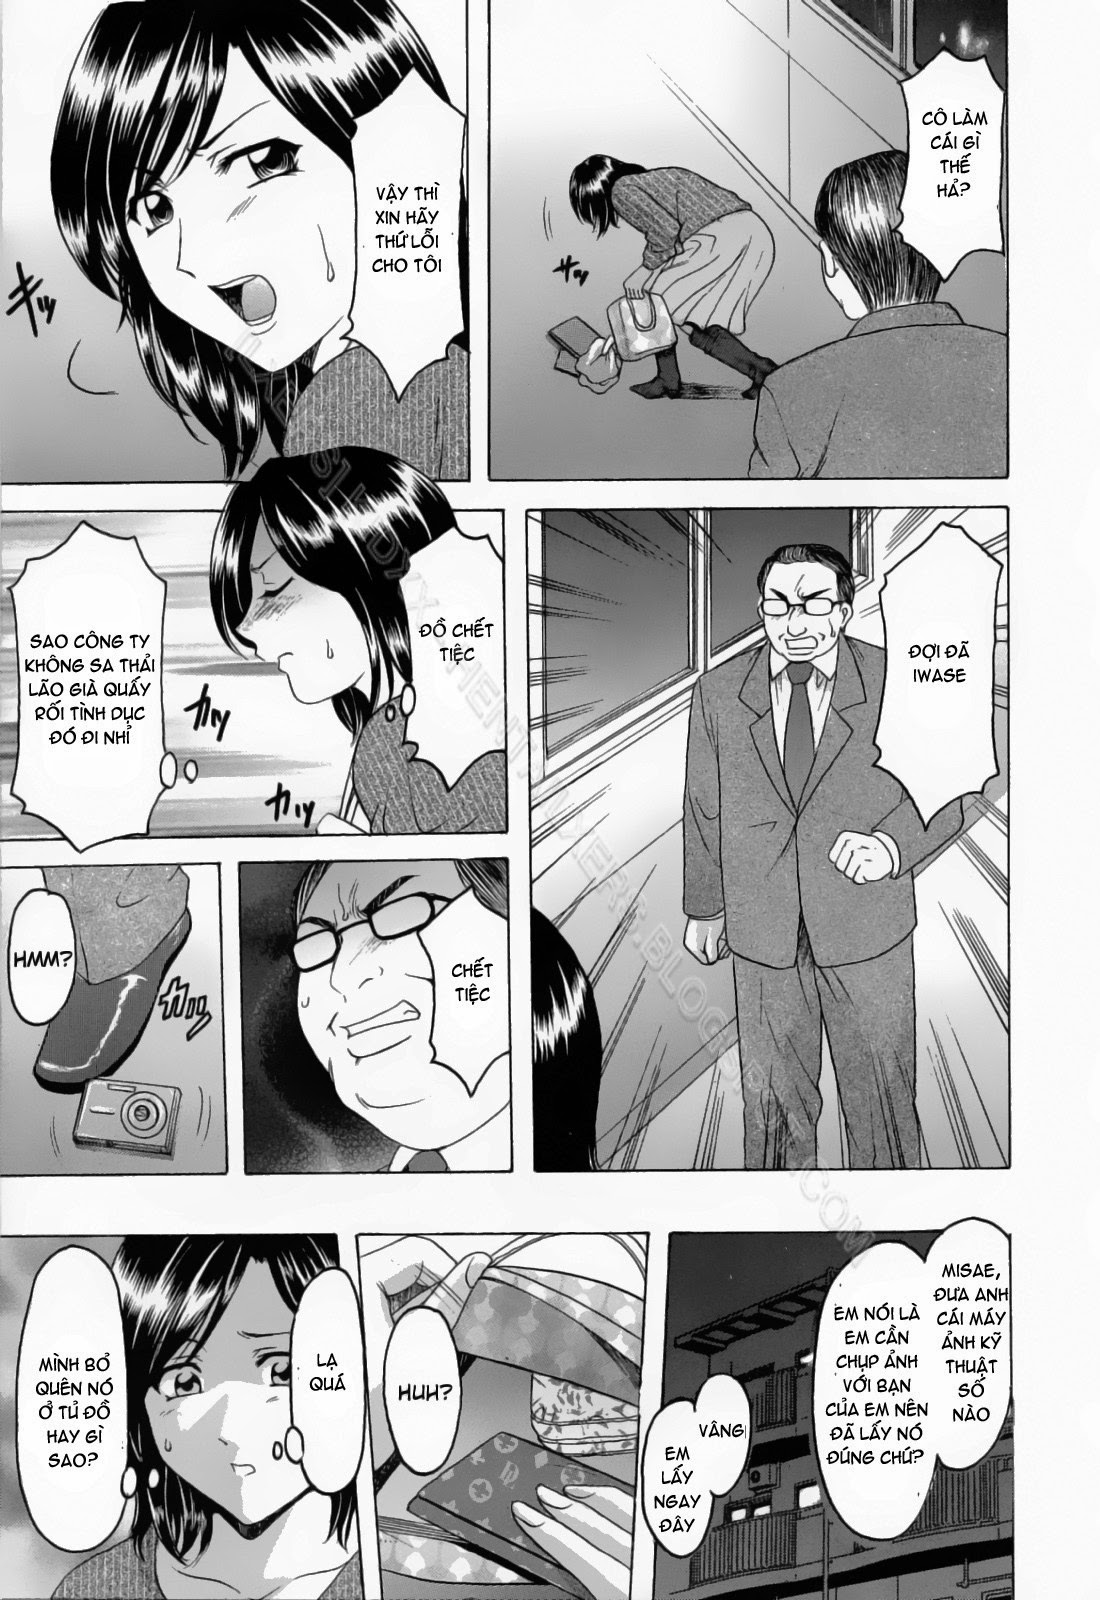 TruyenHay.Com - Ảnh 11 - Hataraku Onee-san wa Back ga Osuki Chapter 1-2